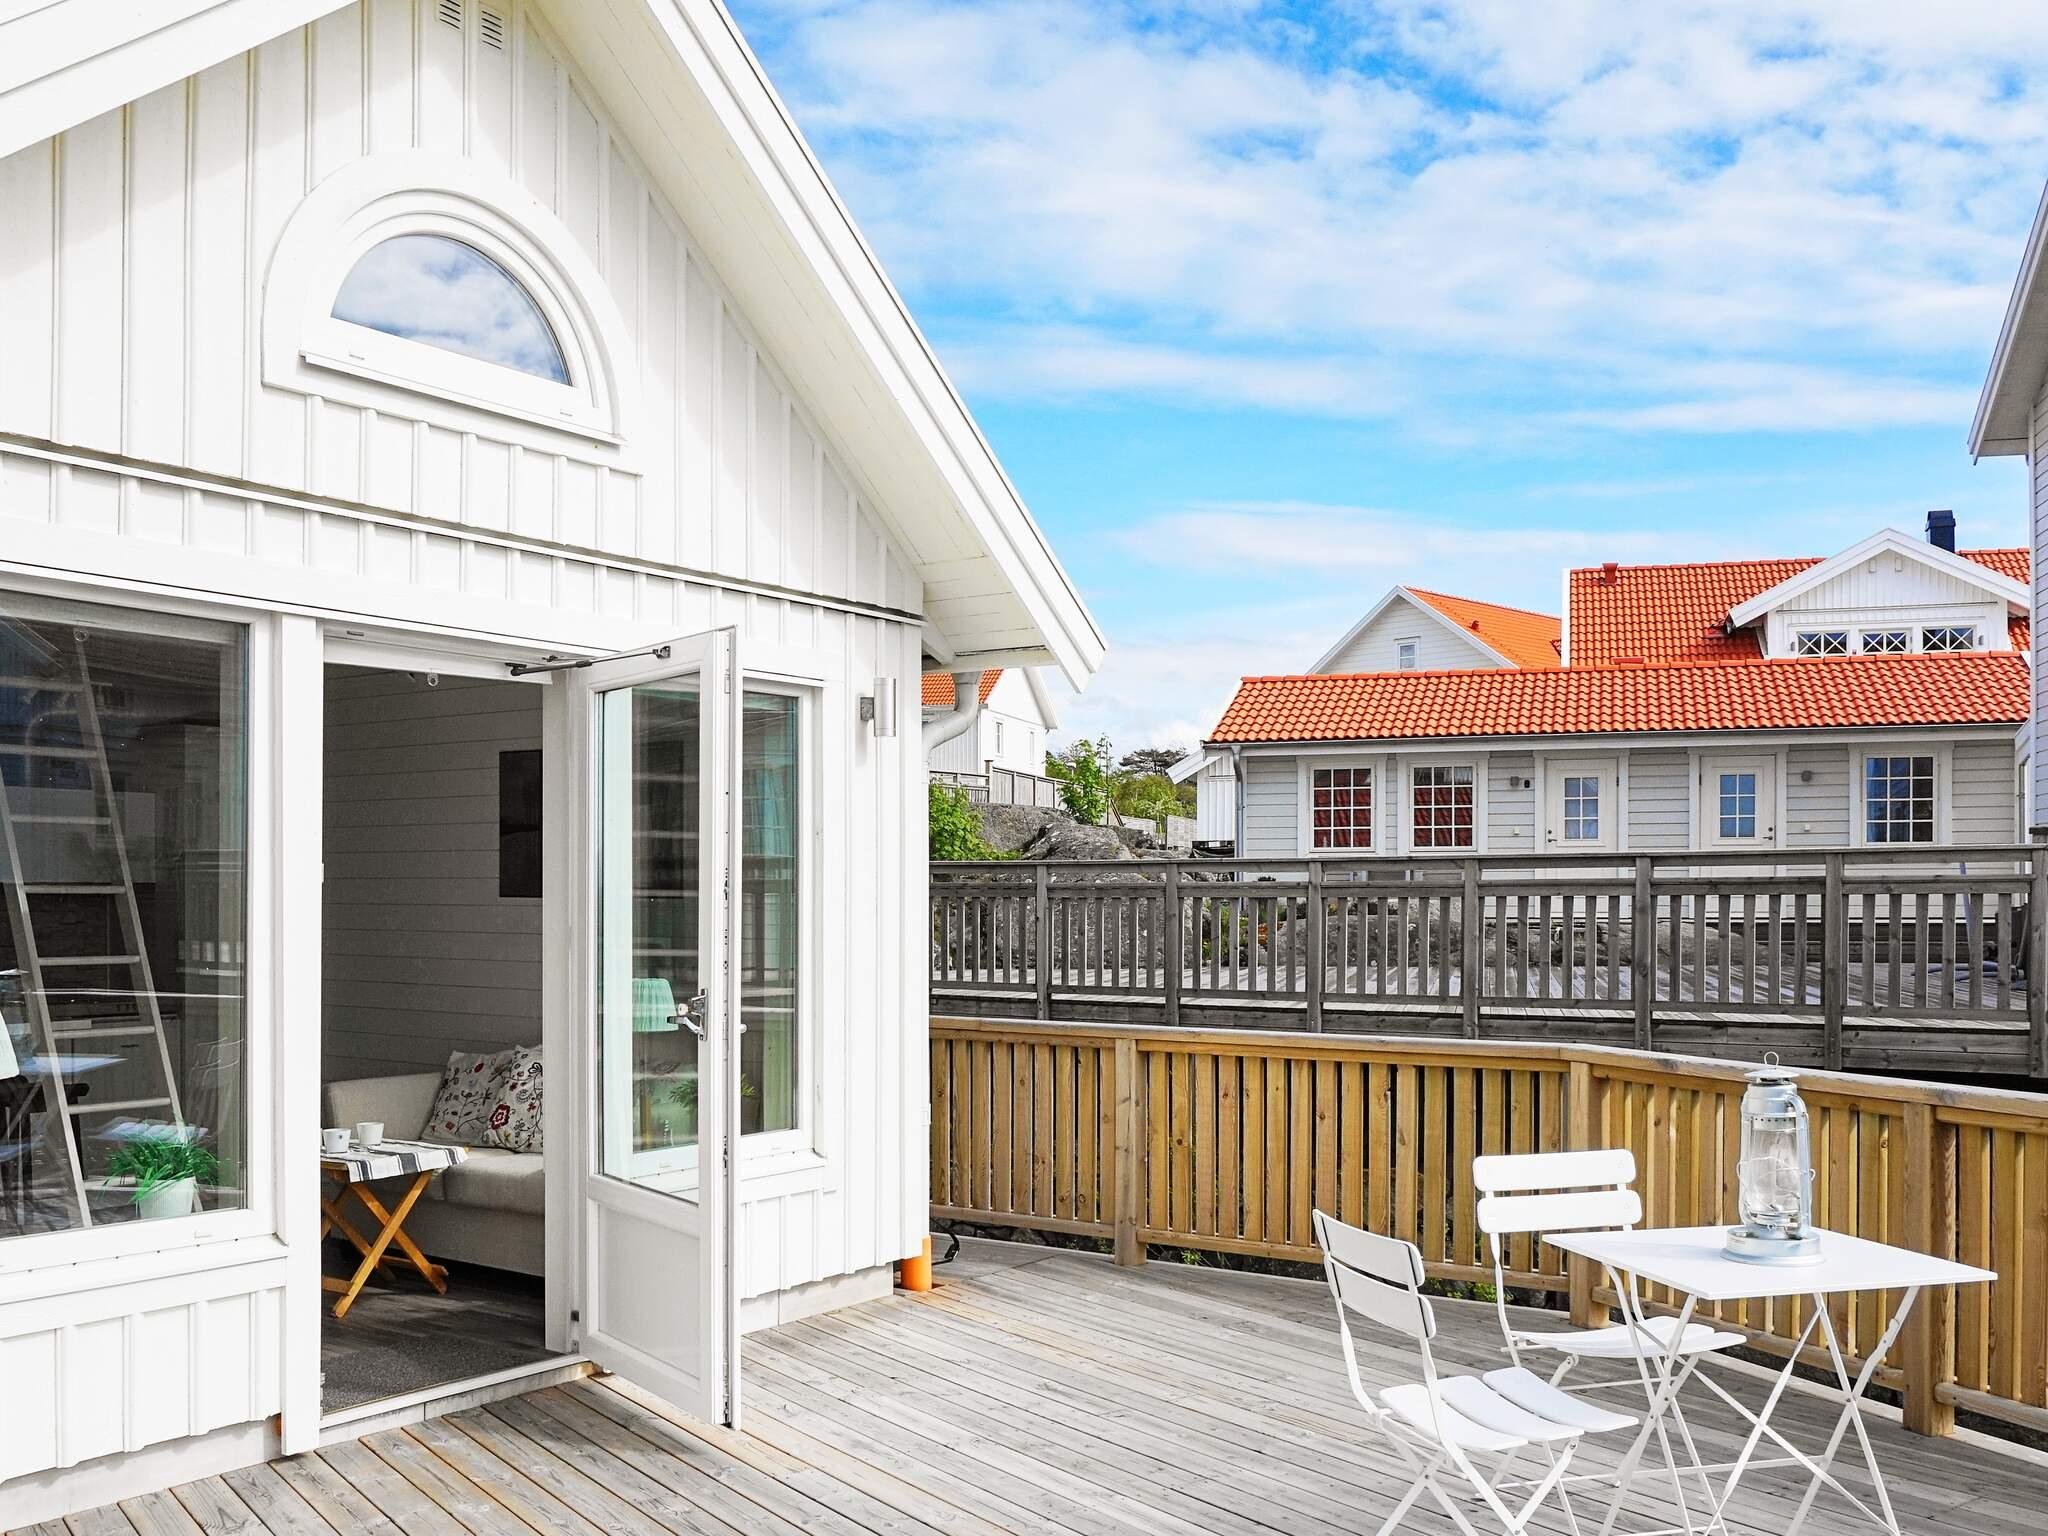 Ferienhaus Tjörn/Rönnäng (2616316), Rönnäng, Tjörn, Westschweden, Schweden, Bild 8